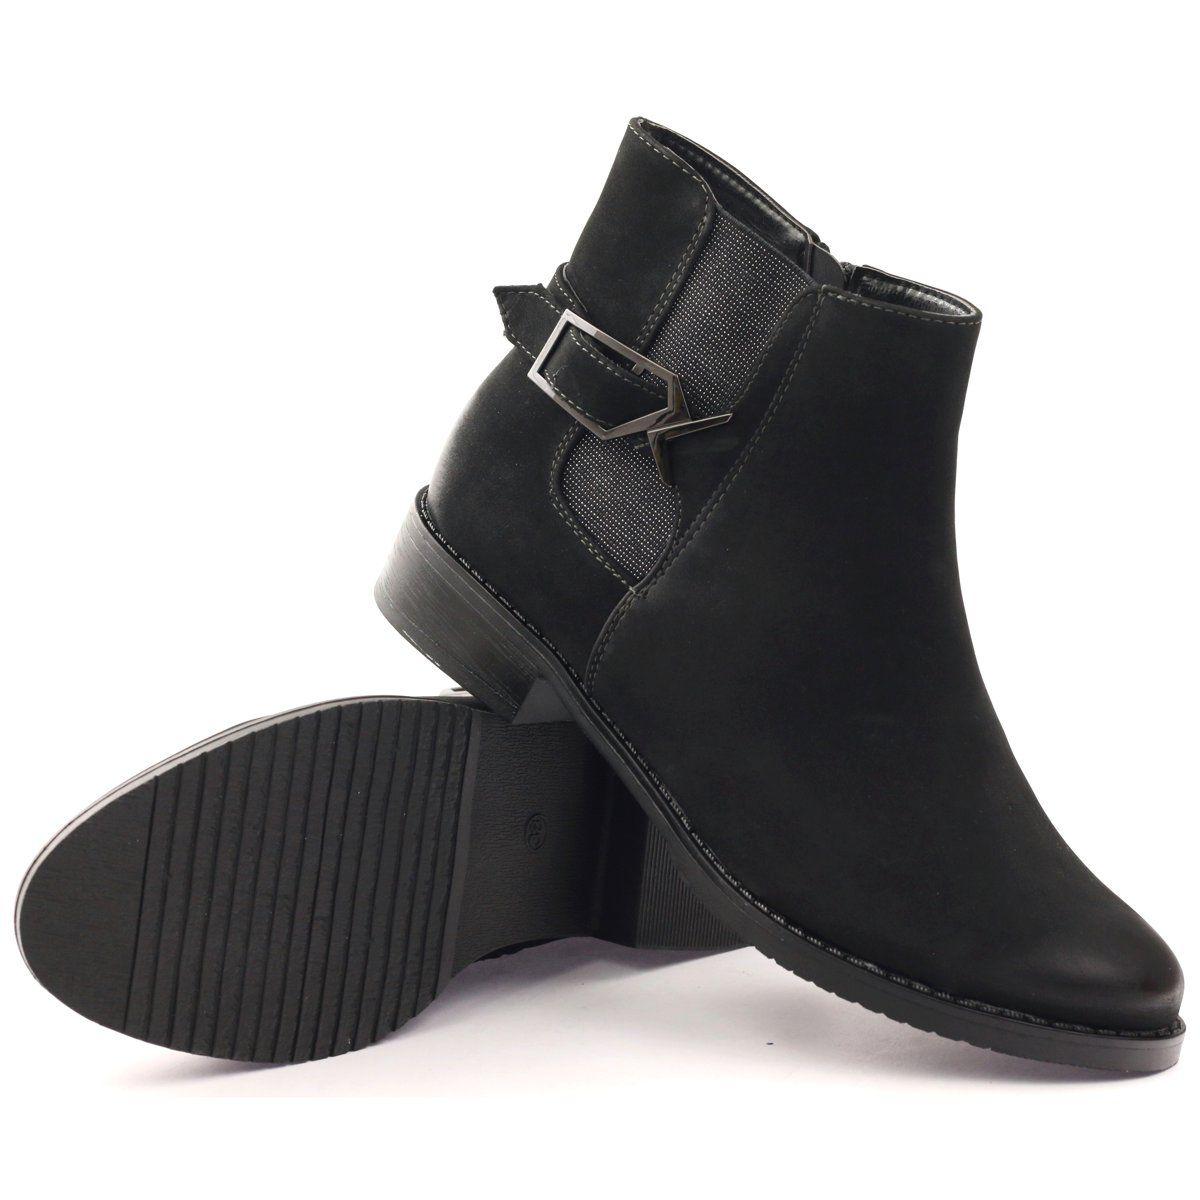 Daszynski Botki Sztyblety Klamra Sa62 Czarne Shoes Women Heels Black Boots Jodhpur Boots